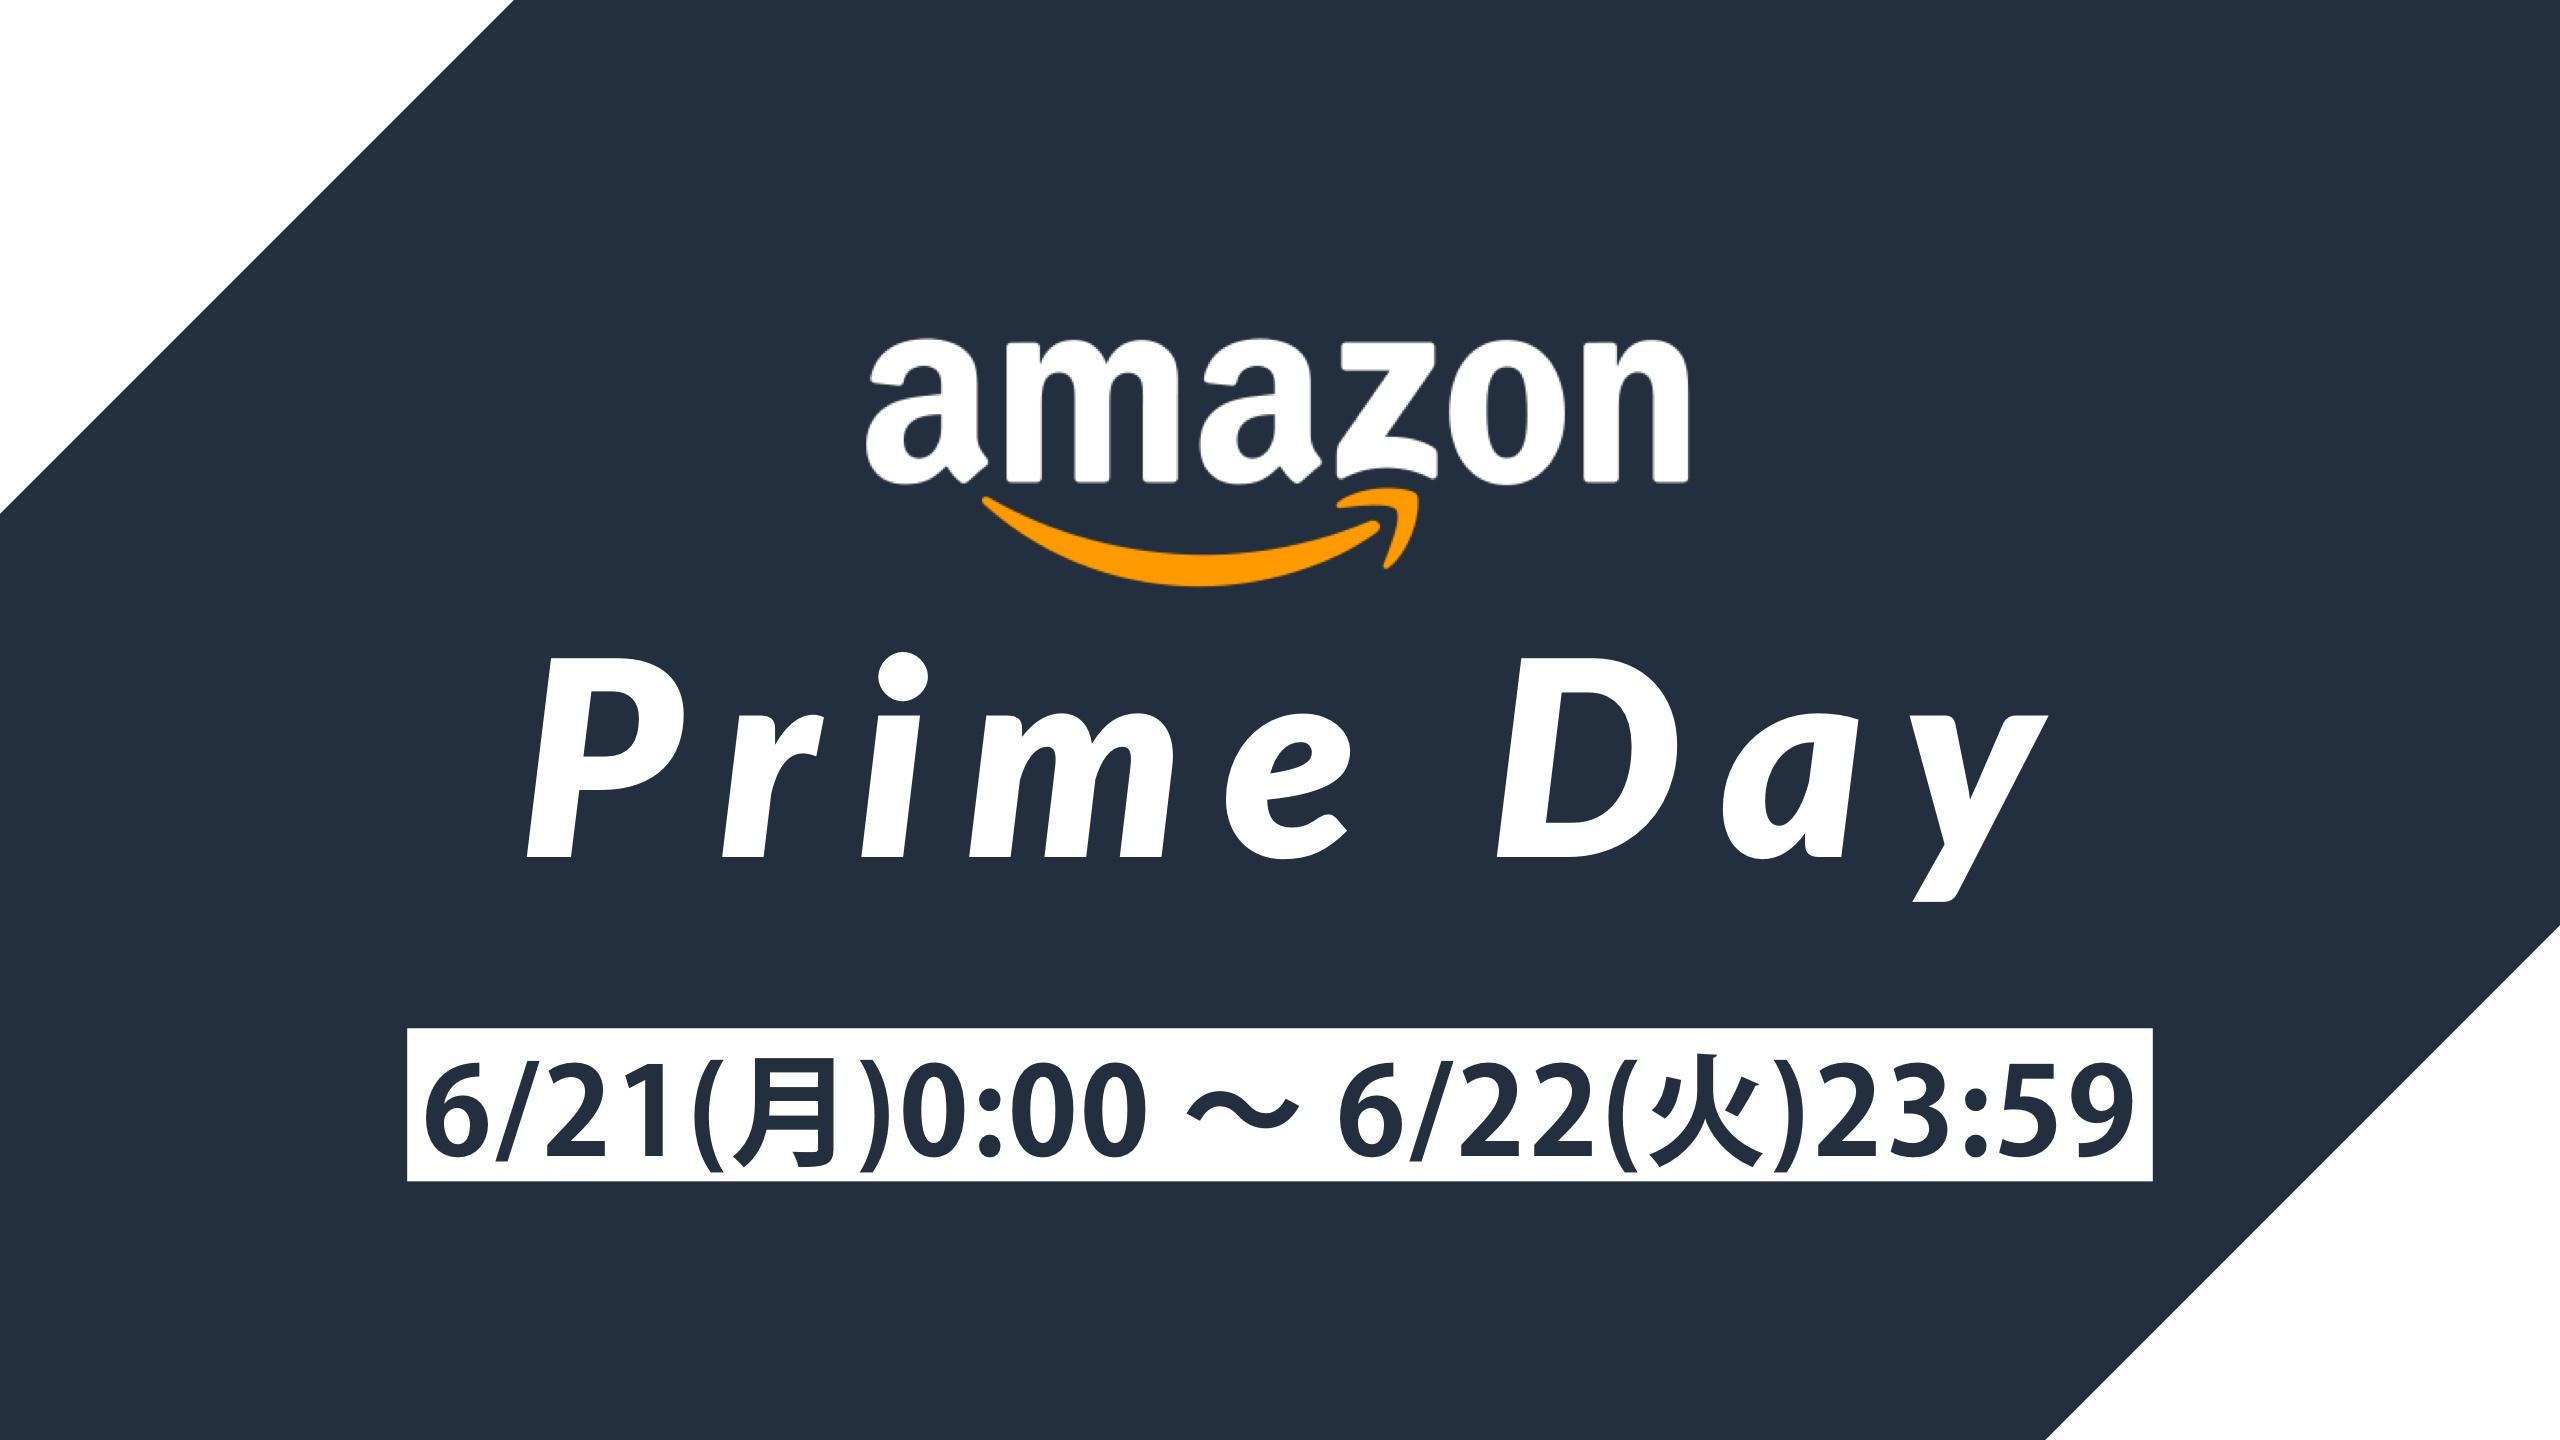 【2021年】Amazonプライムデーで買うべきアイテムと活用術をまとめました!【随時更新】